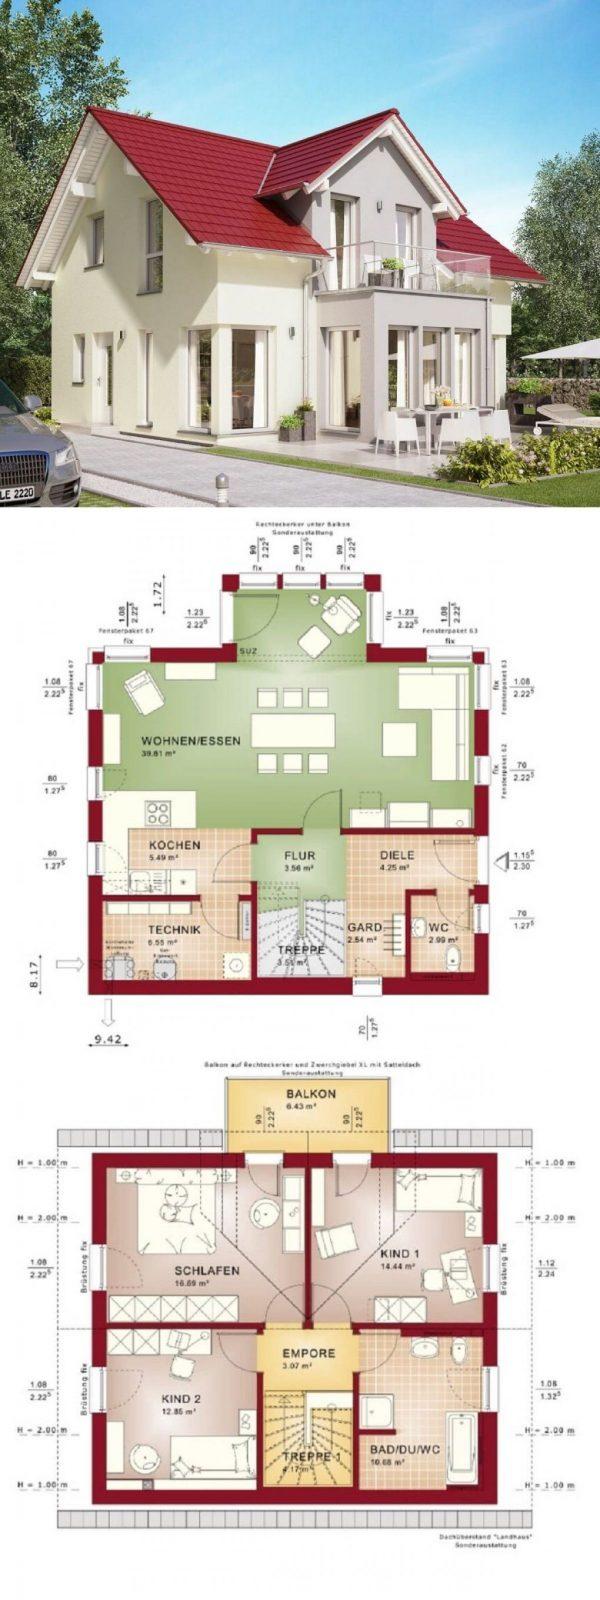 Klassisches Satteldach Haus Mit Zwerchgiebel Und Erker Anbau Mit von Bien Zenker Edition 1 Photo